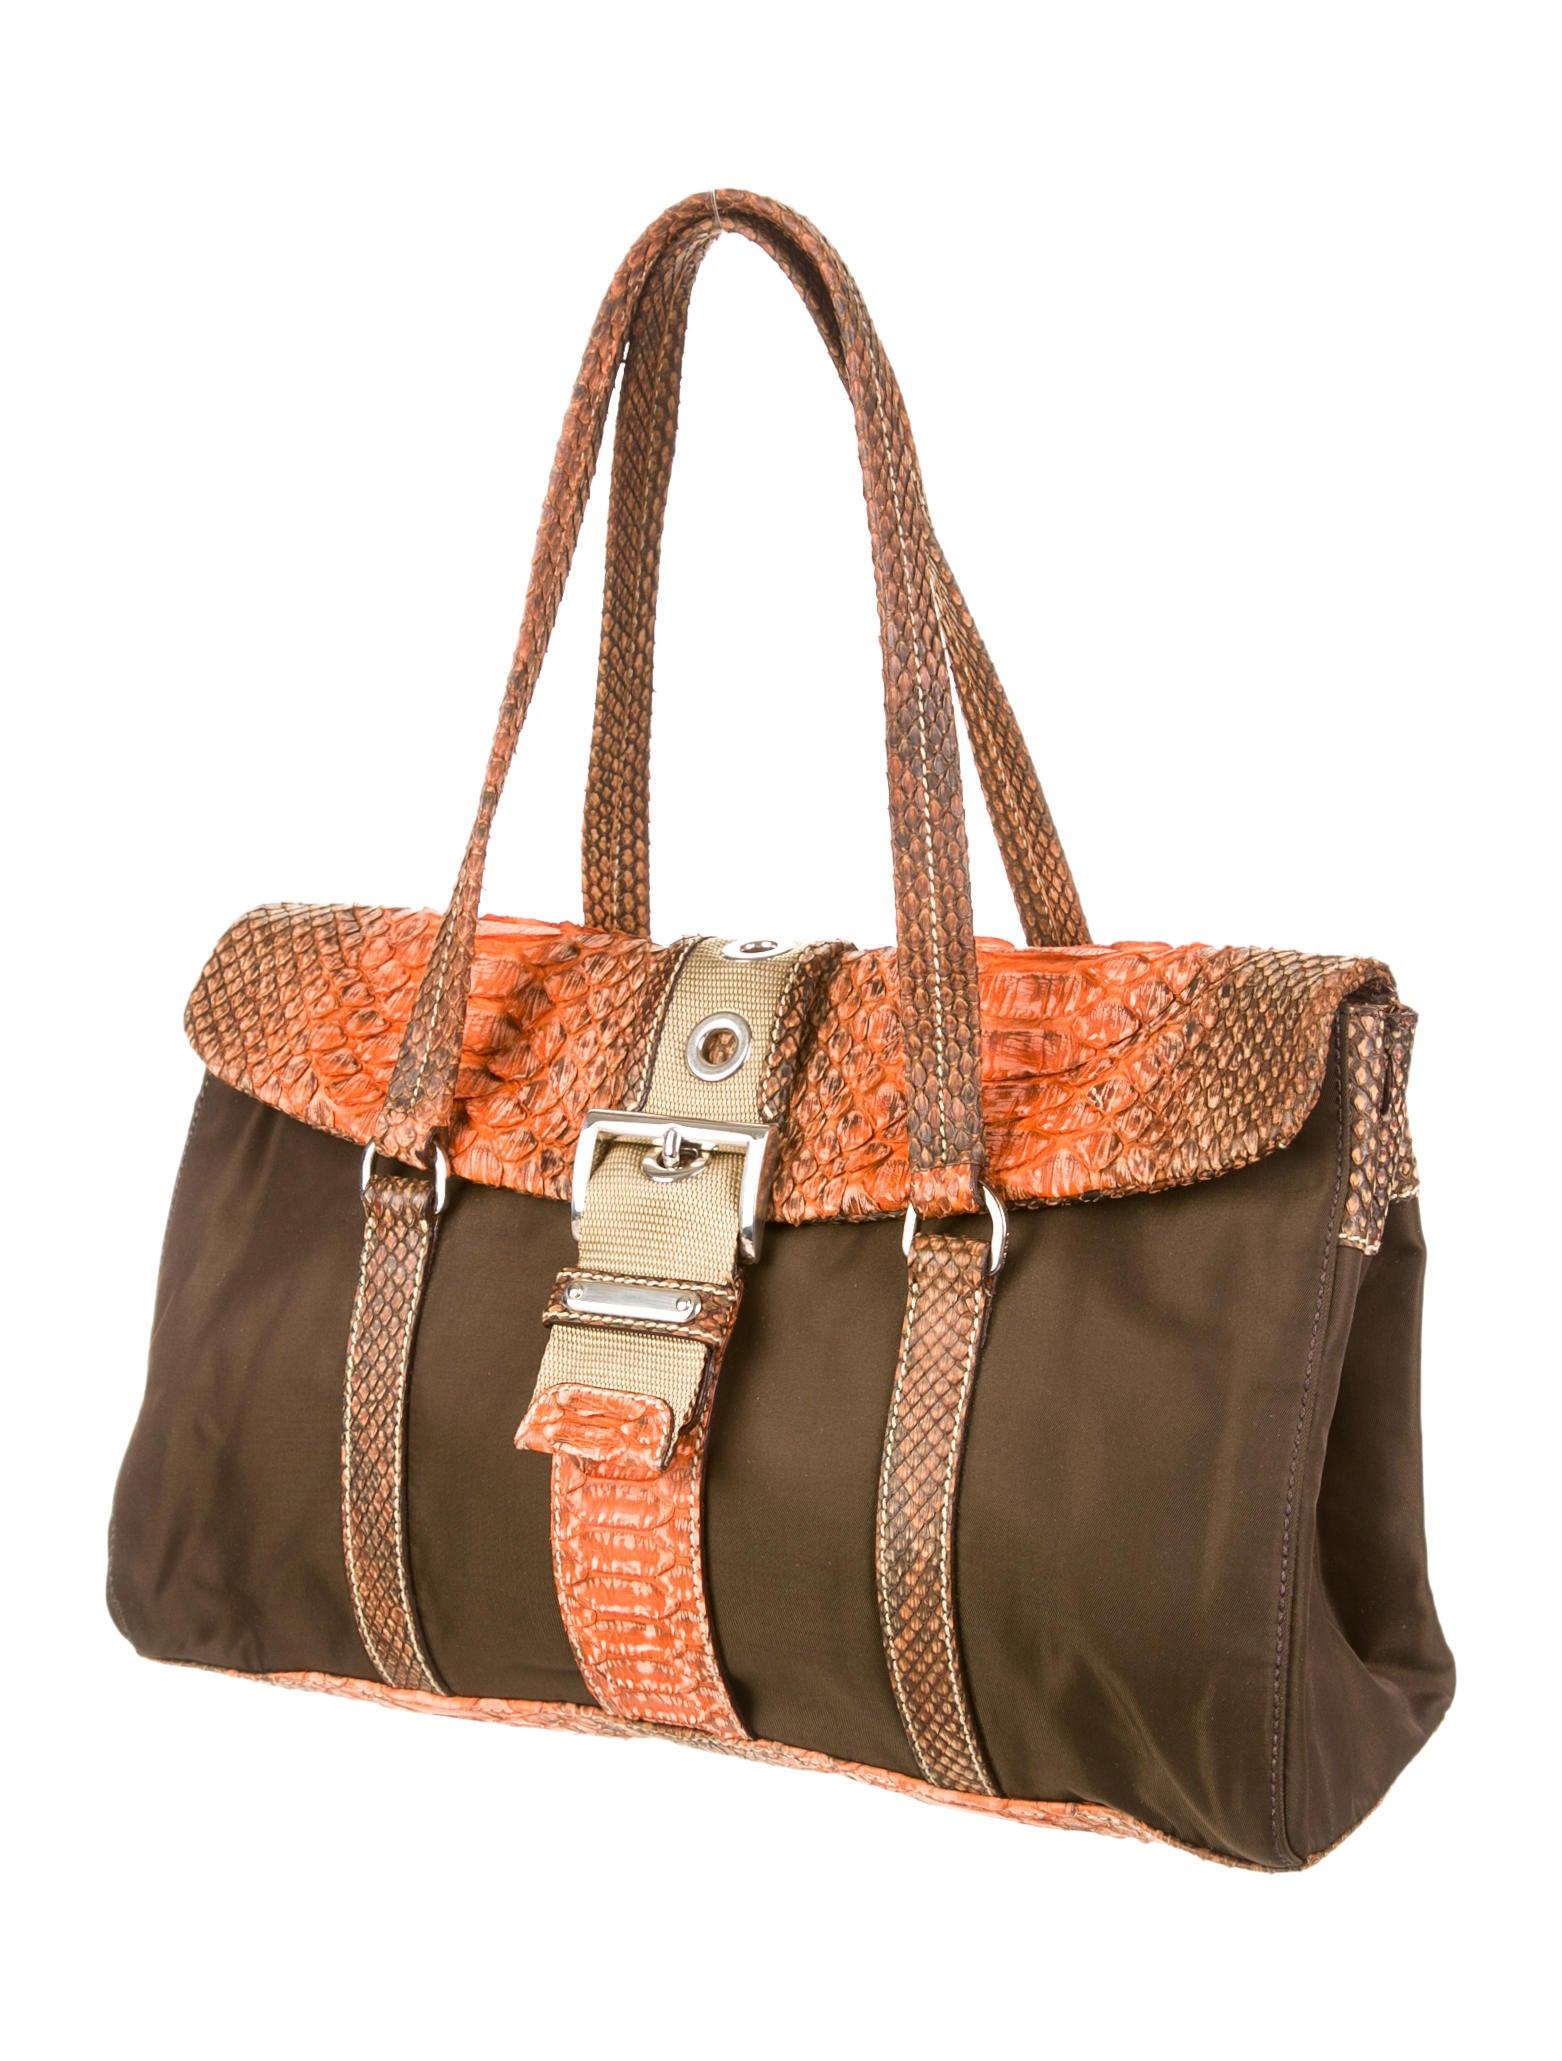 prada messenger bags - prada tessuto python shoulder bag, how much is prada saffiano bag